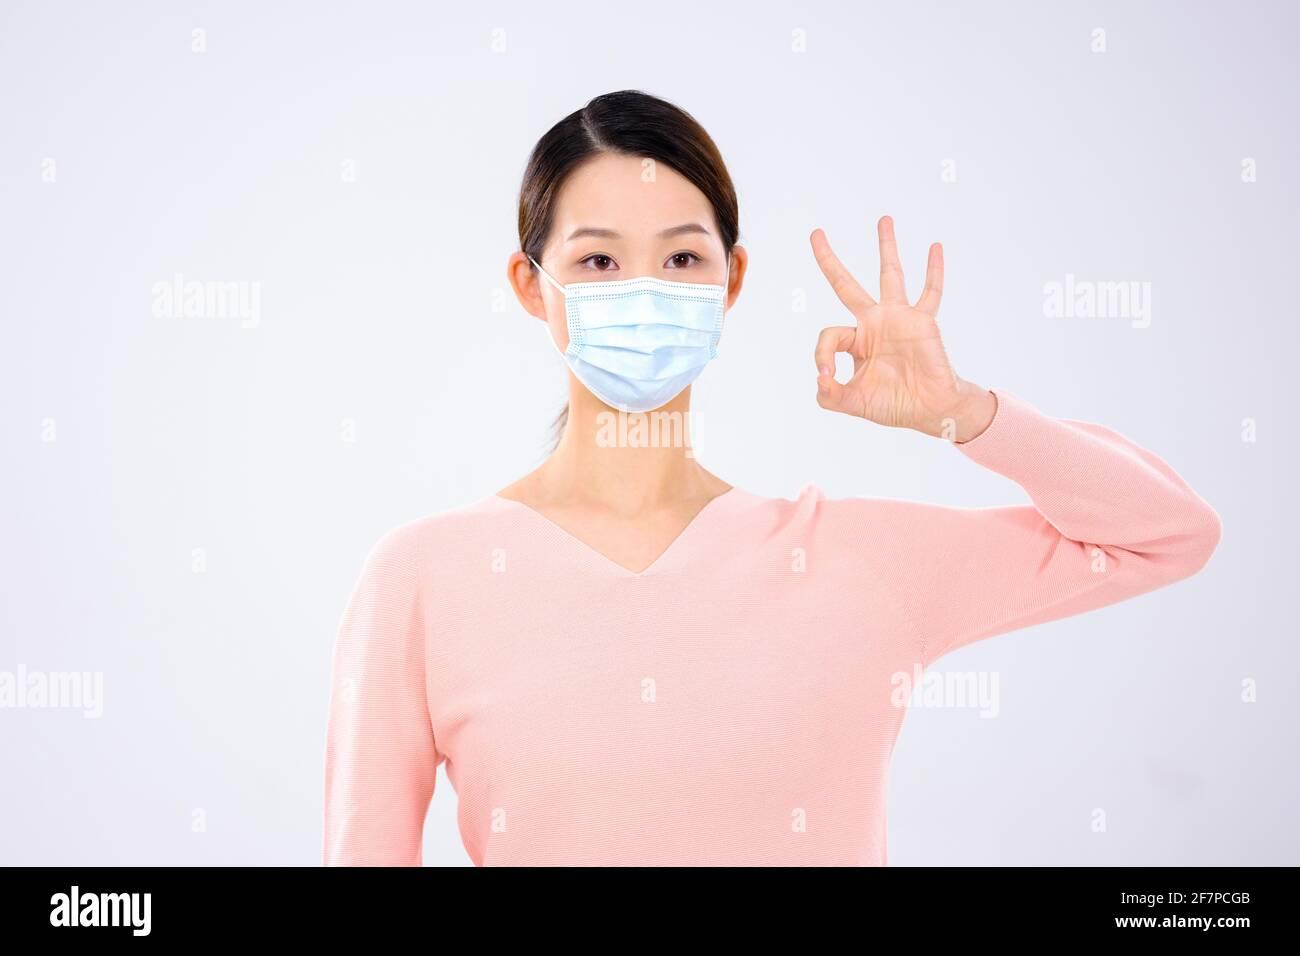 Una mujer joven que llevaba una máscara hizo una señal de vista frontal del consentimiento Foto de stock